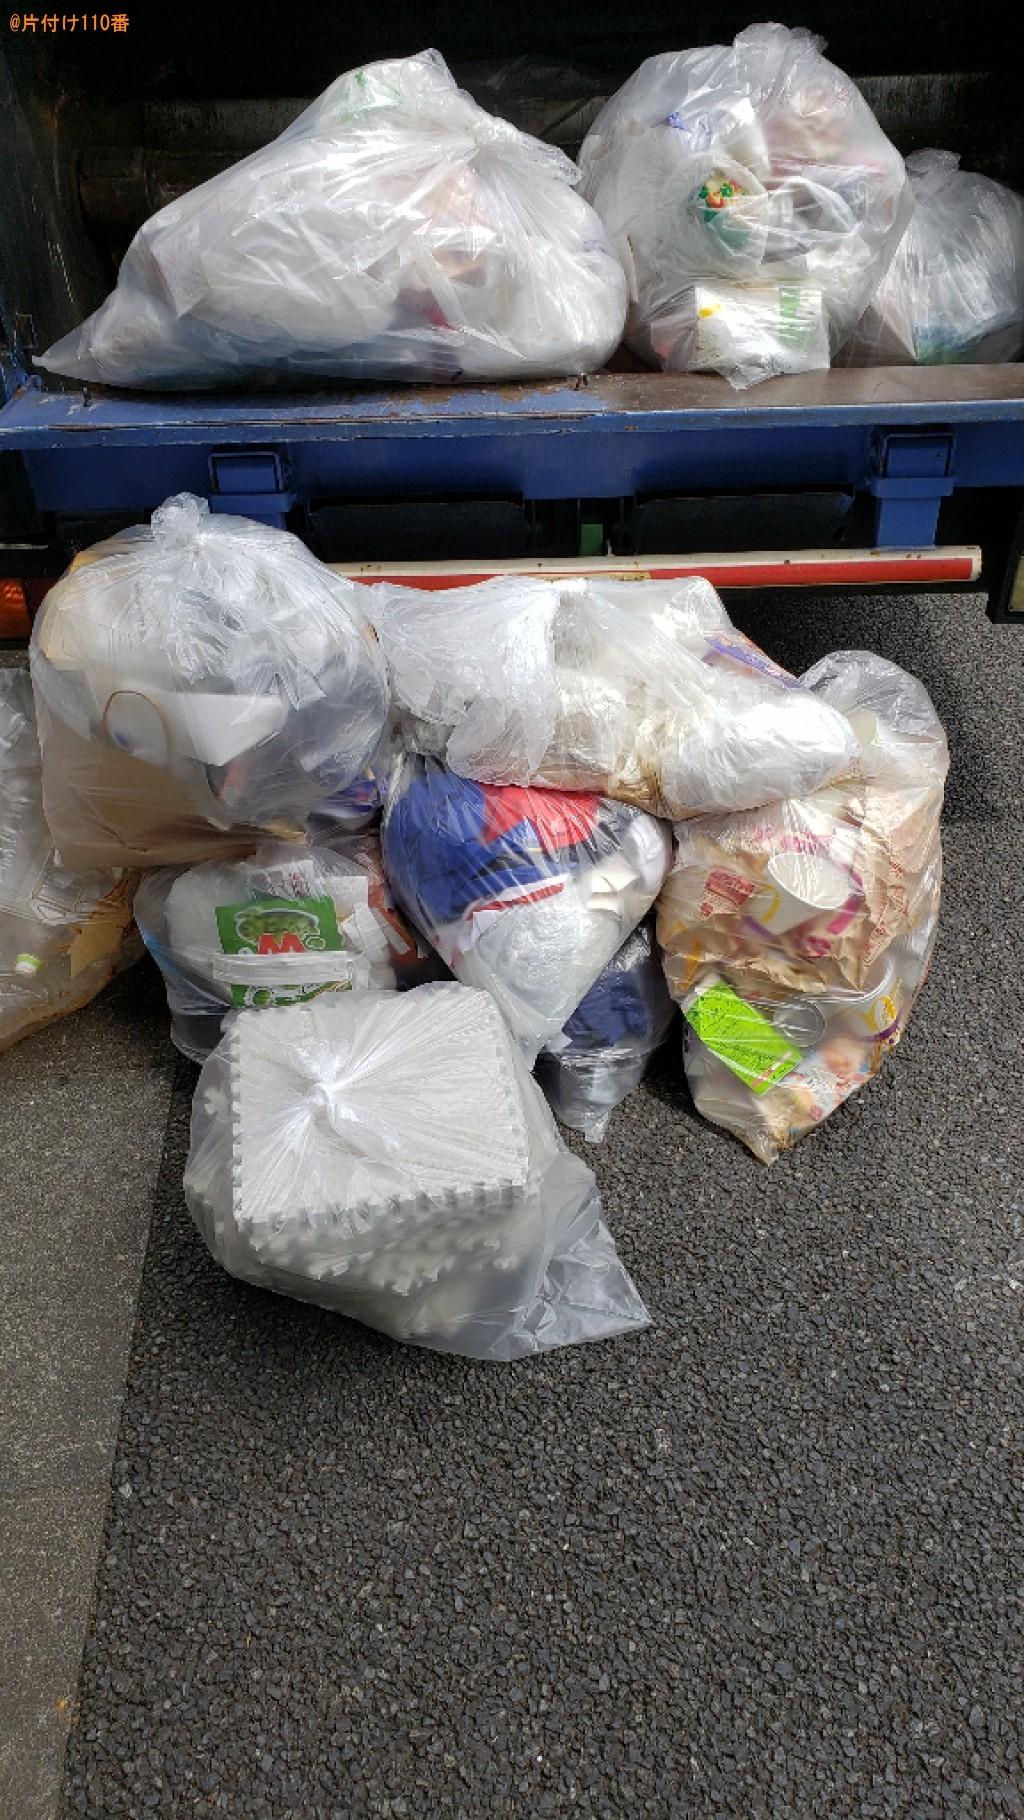 【世田谷区】一般ごみの回収・処分ご依頼 お客様の声